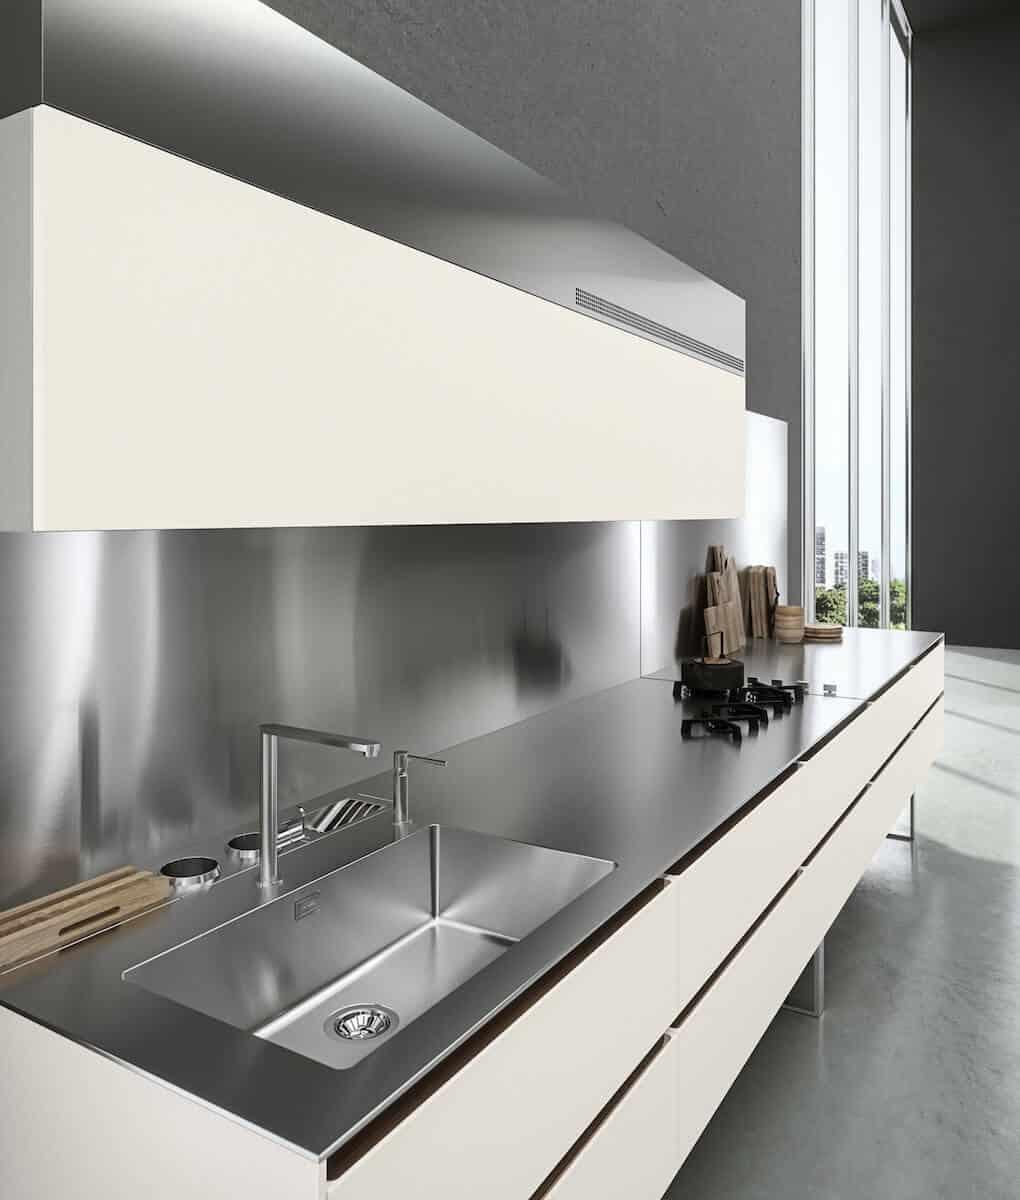 Edelstahl Nischenrückwände - 3D Planung Ihrer Küche ...